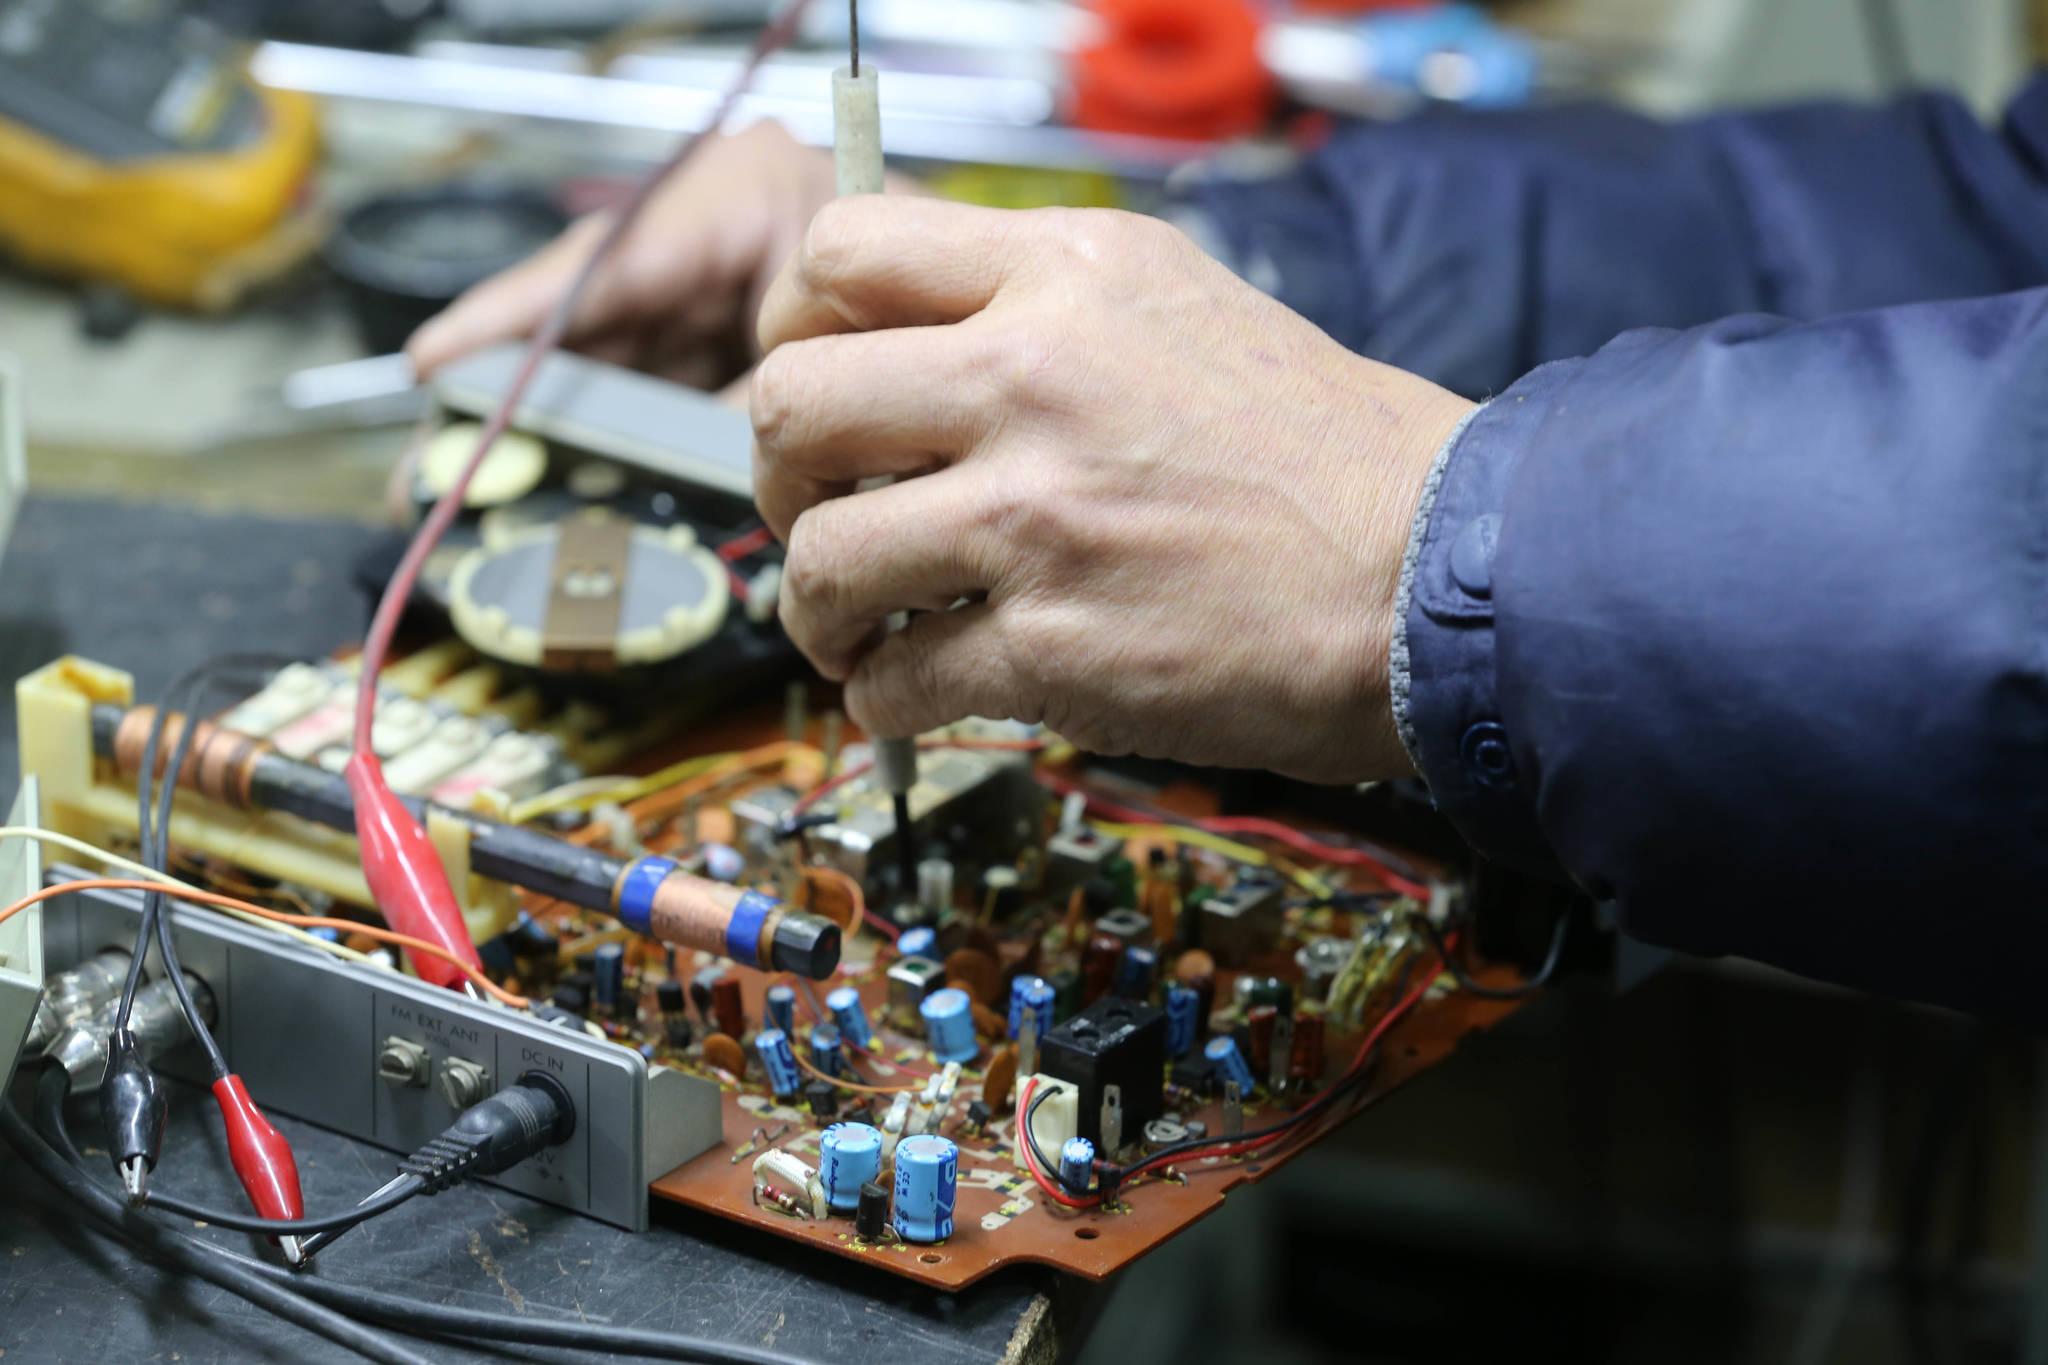 한 수리 장인이 고장난 전자제품의 회로판을 점검하고 있다. . 신인섭 기자